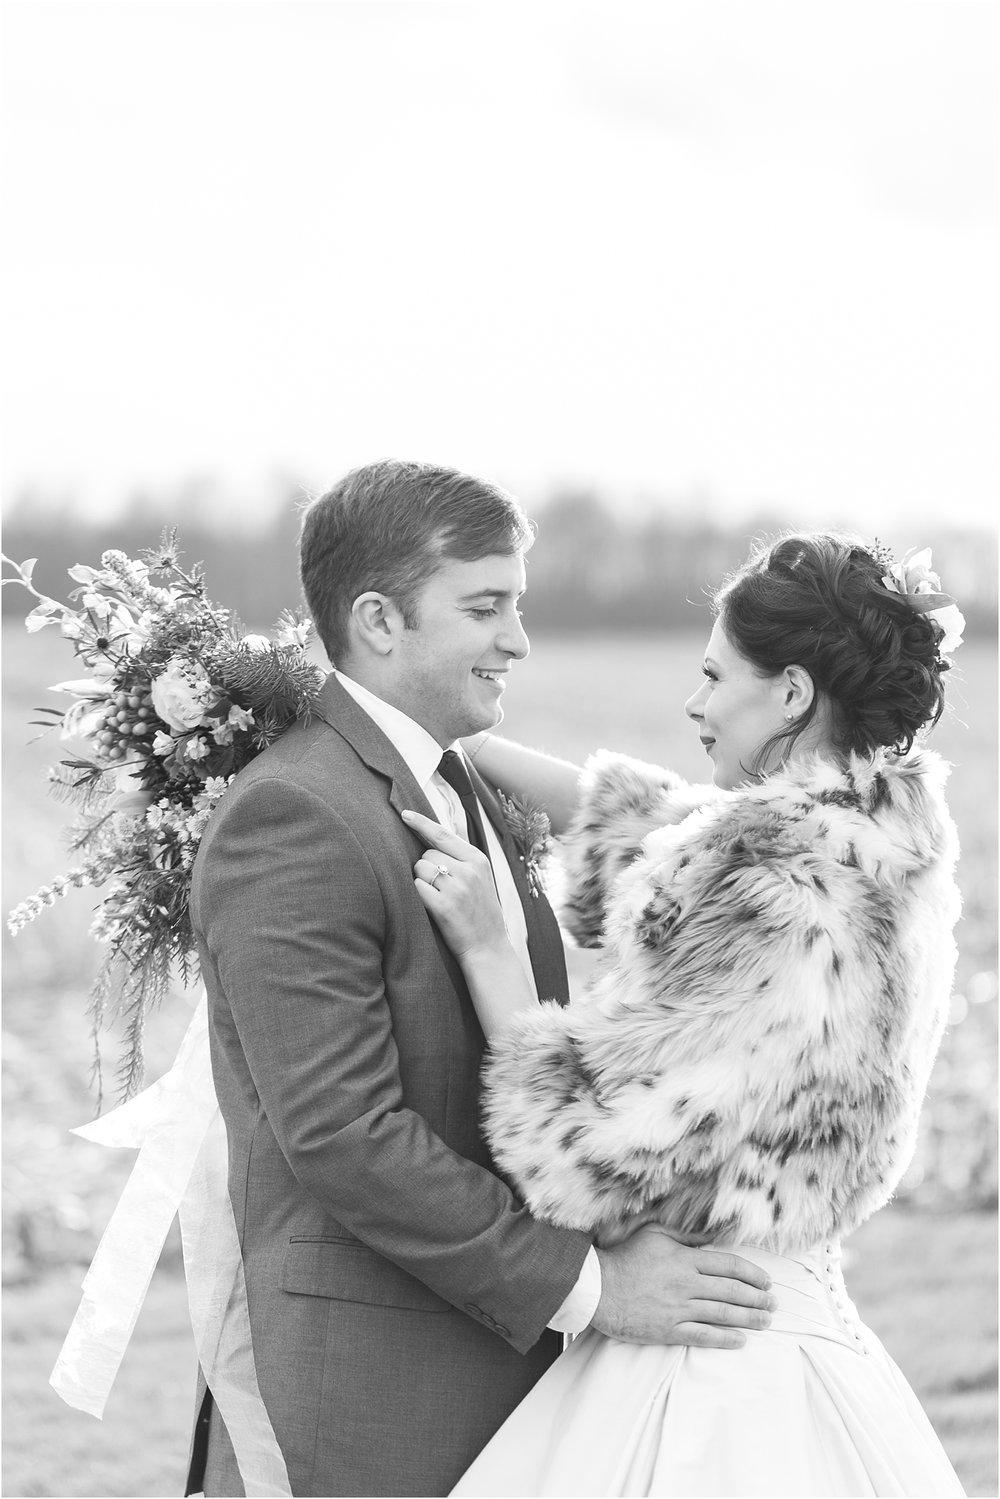 elegant-classic-timeless-candid-winter-wedding-photos-in-ann-arbor-mi-by-courtney-carolyn-photography_0032.jpg